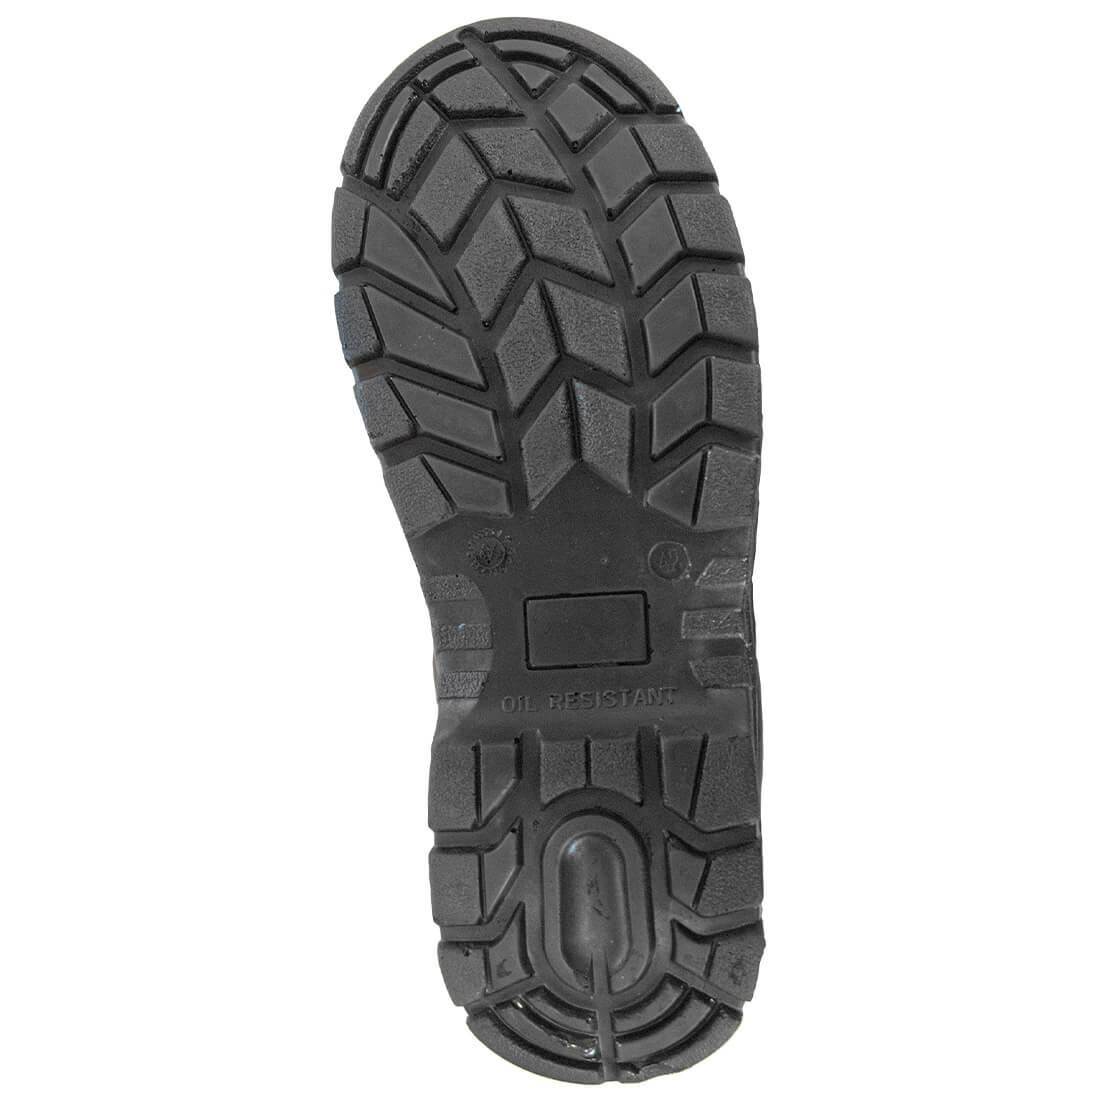 Bocanc Thor S3 Compositelite™ - Incaltaminte de protectie